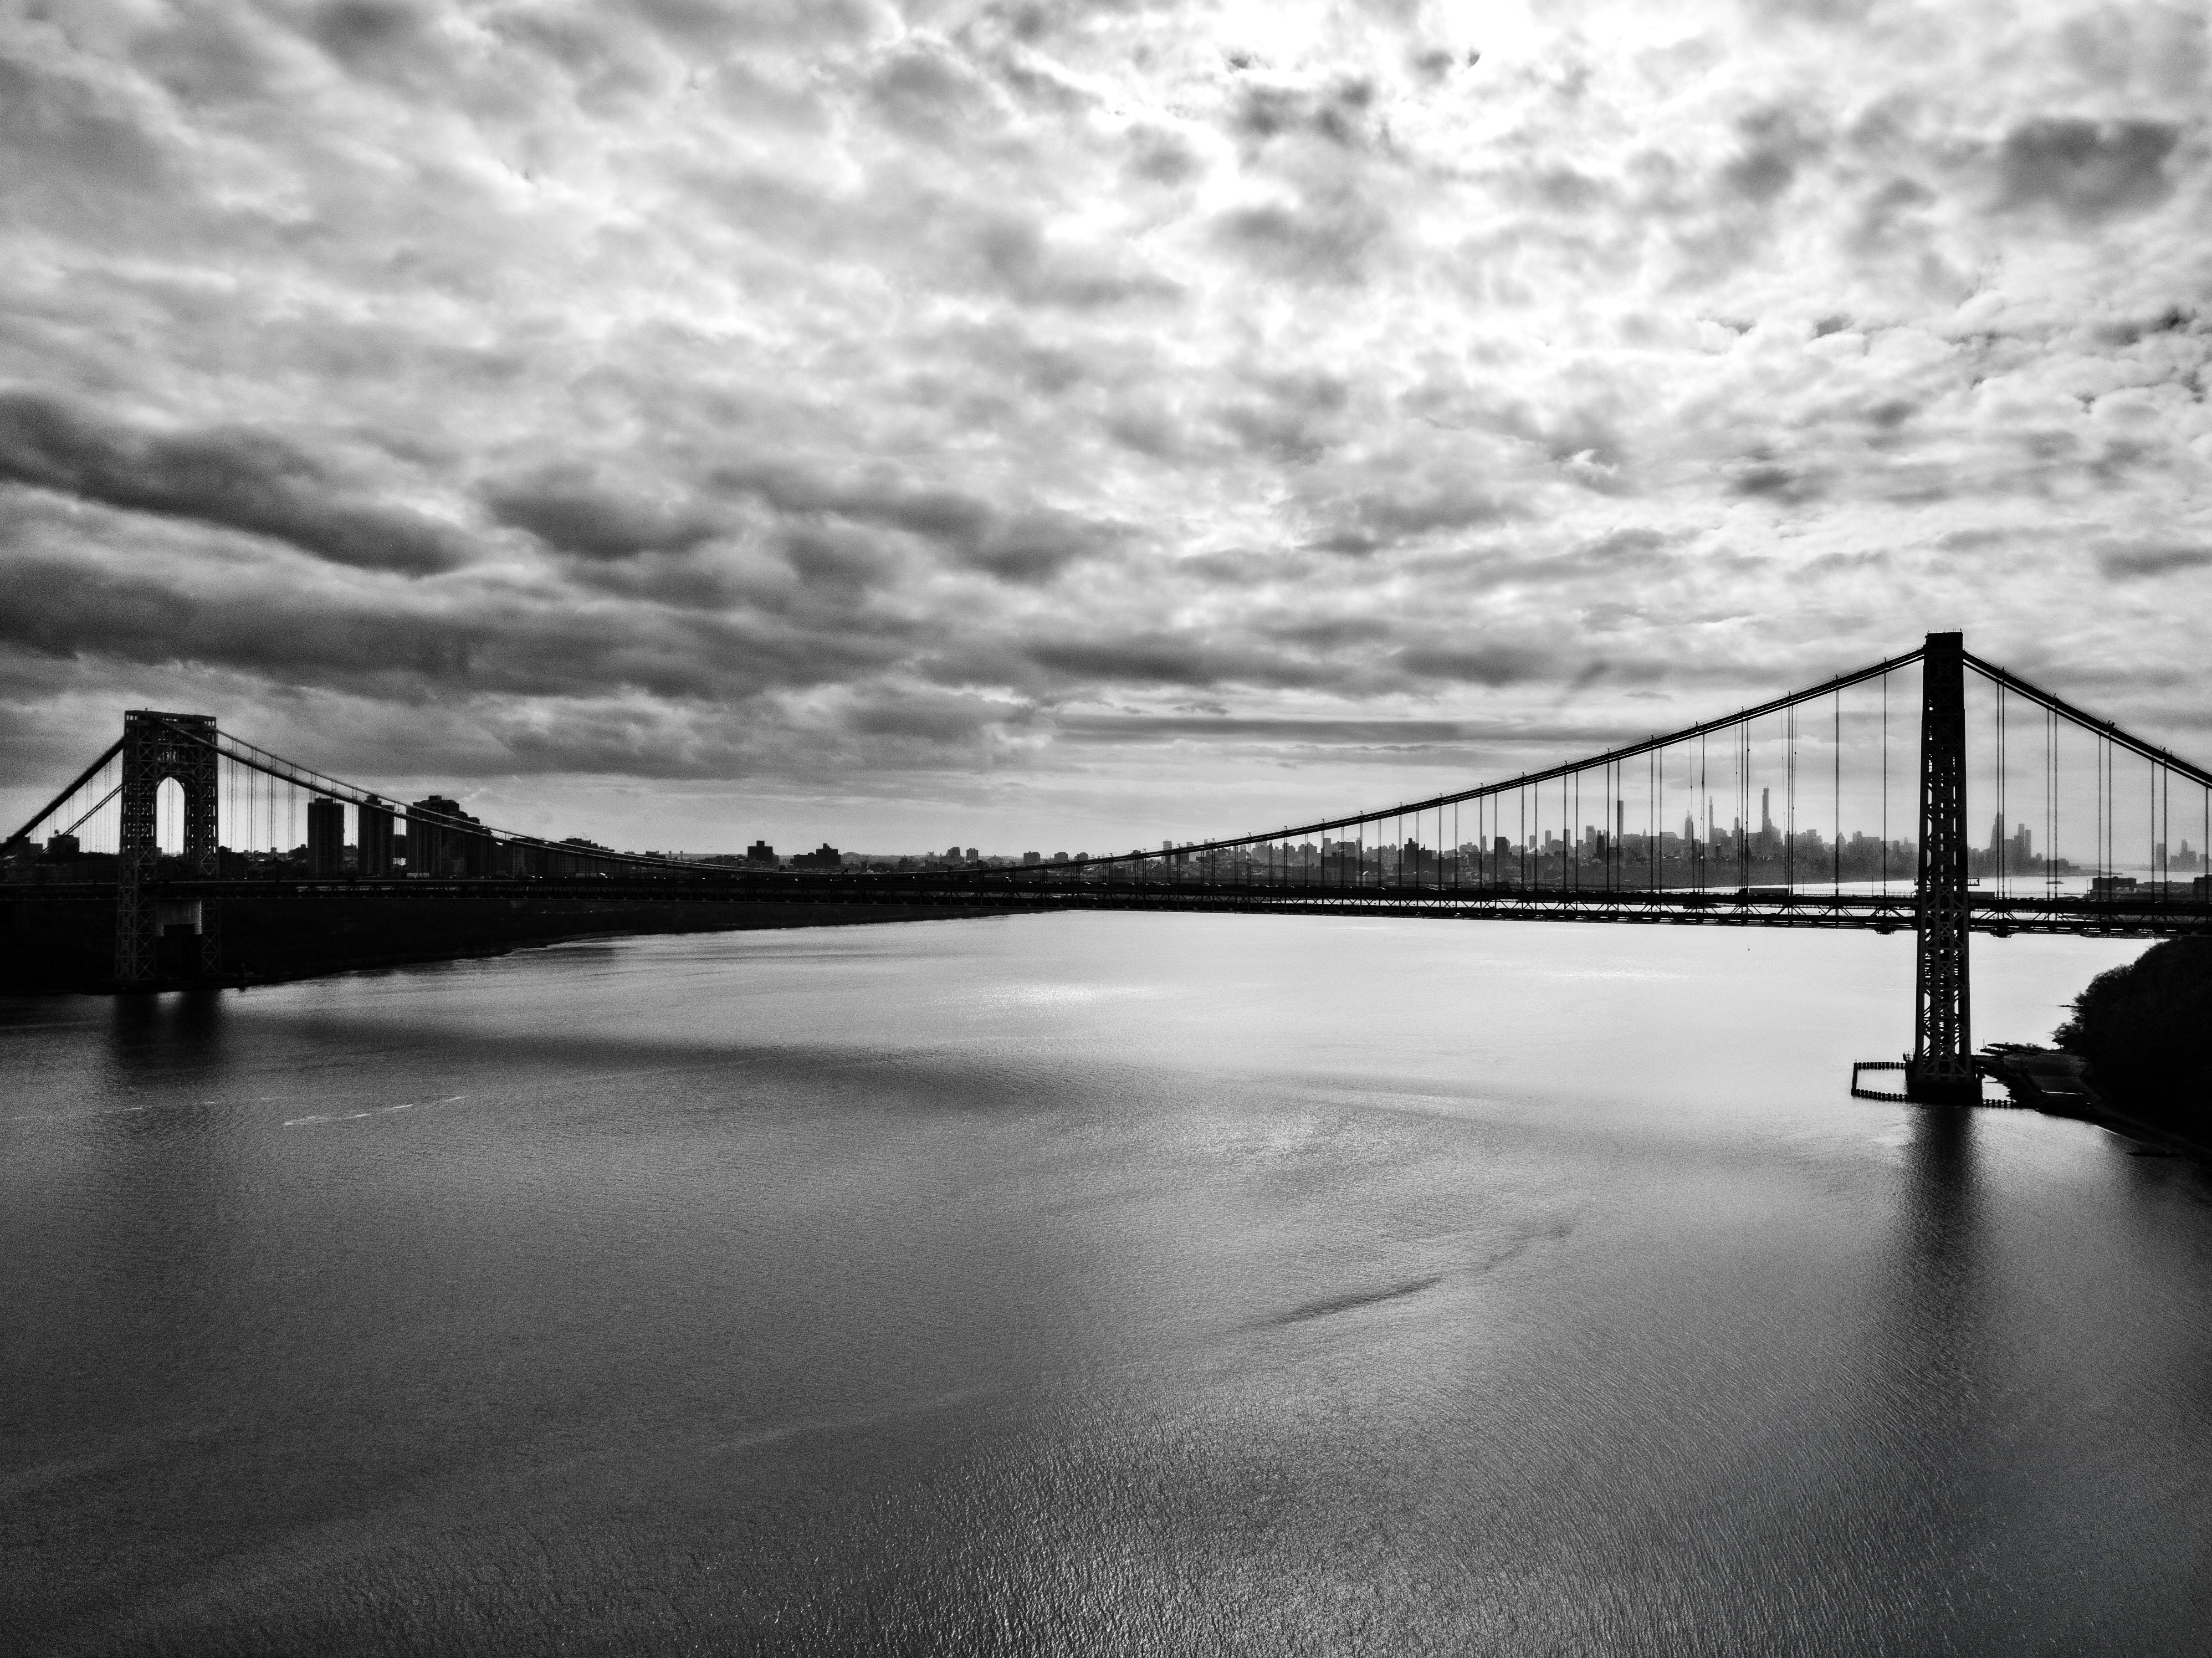 Drone GW Bridge